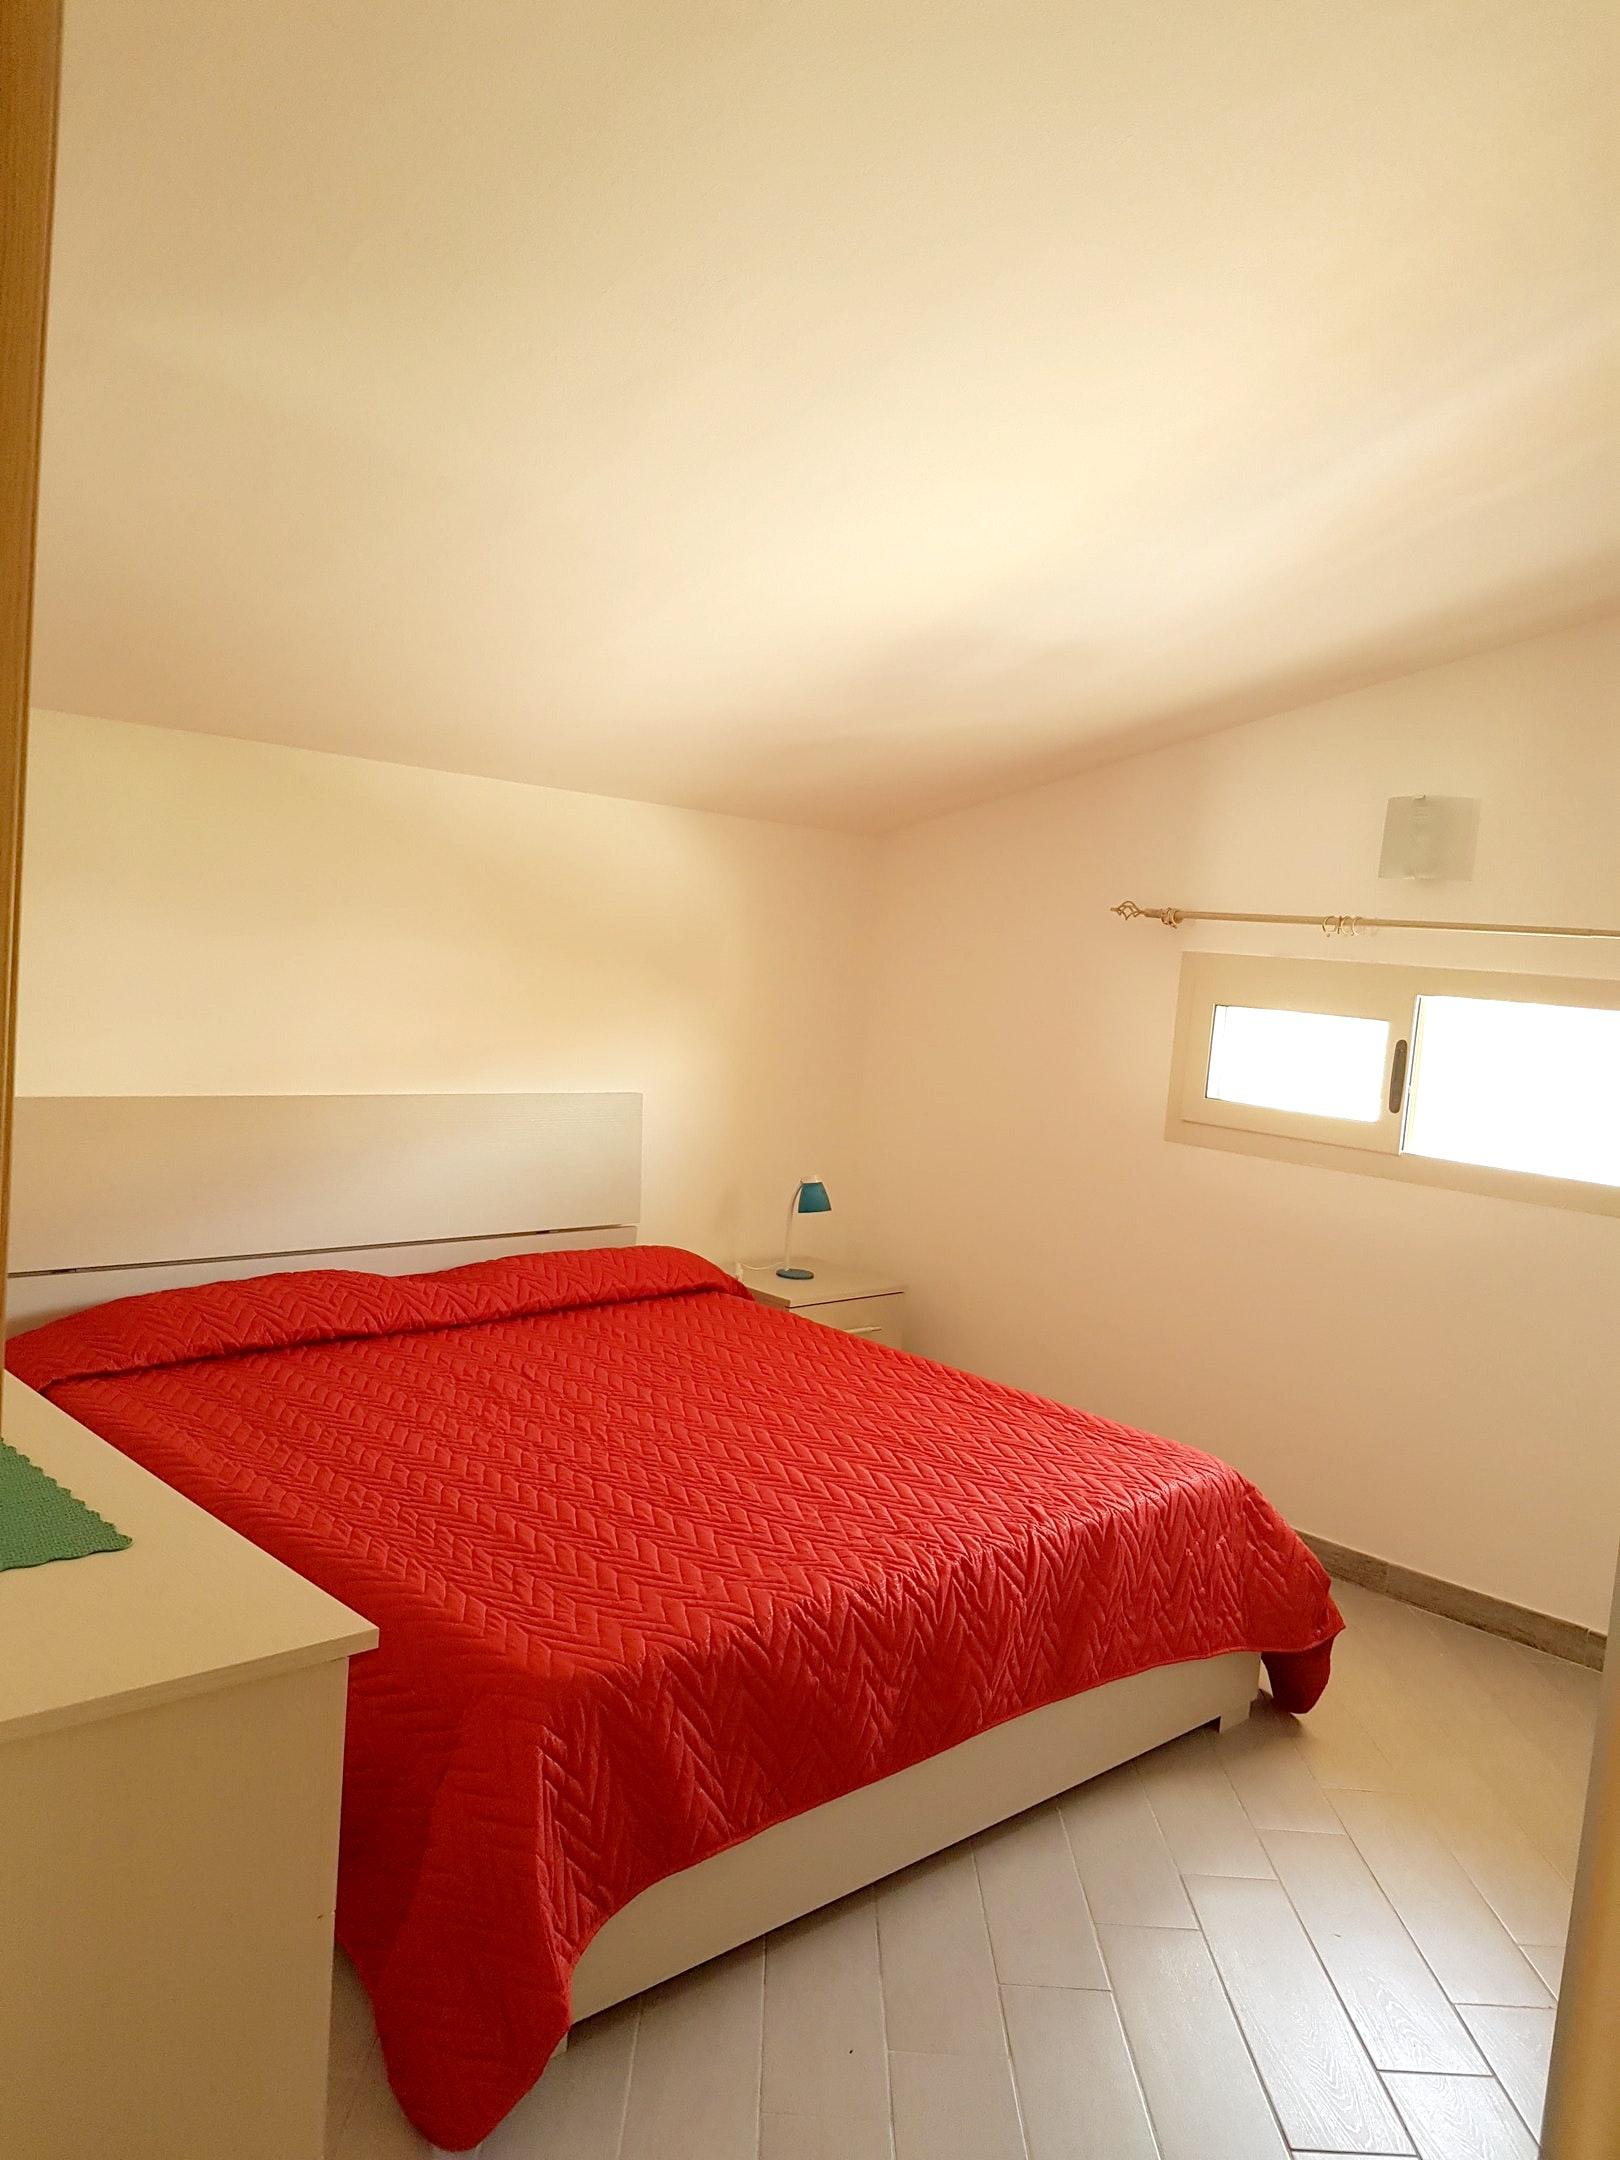 Maison de vacances Haus mit 2 Schlafzimmern in Lido di Noto mit möblierter Terrasse - 200 m vom Strand entfer (2420348), Lido di Noto, Siracusa, Sicile, Italie, image 9